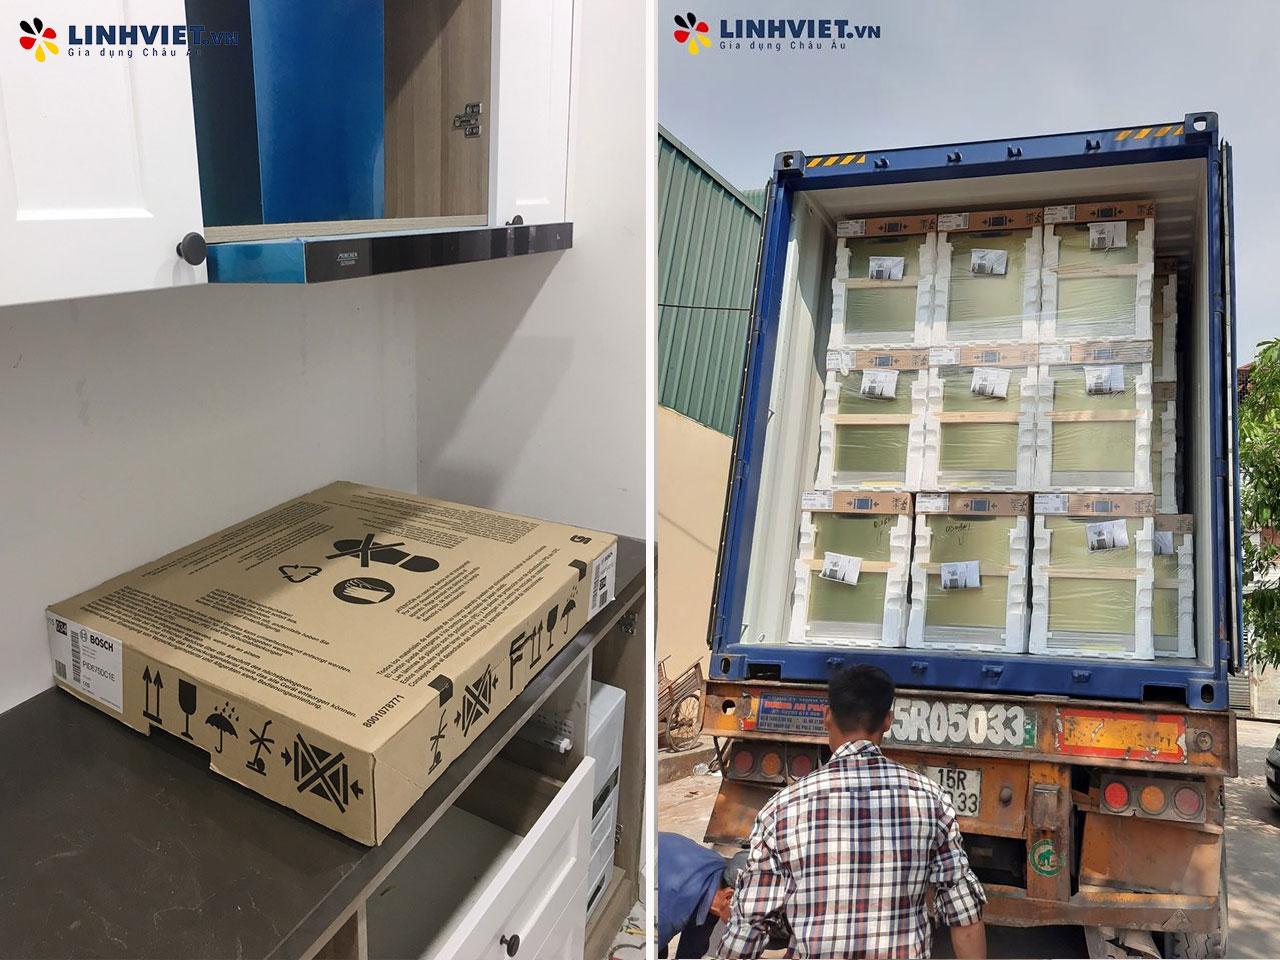 Hình ảnh thực tế khách hàng lắp Combo: Máy rửa bát, Bếp từ Bosch 2